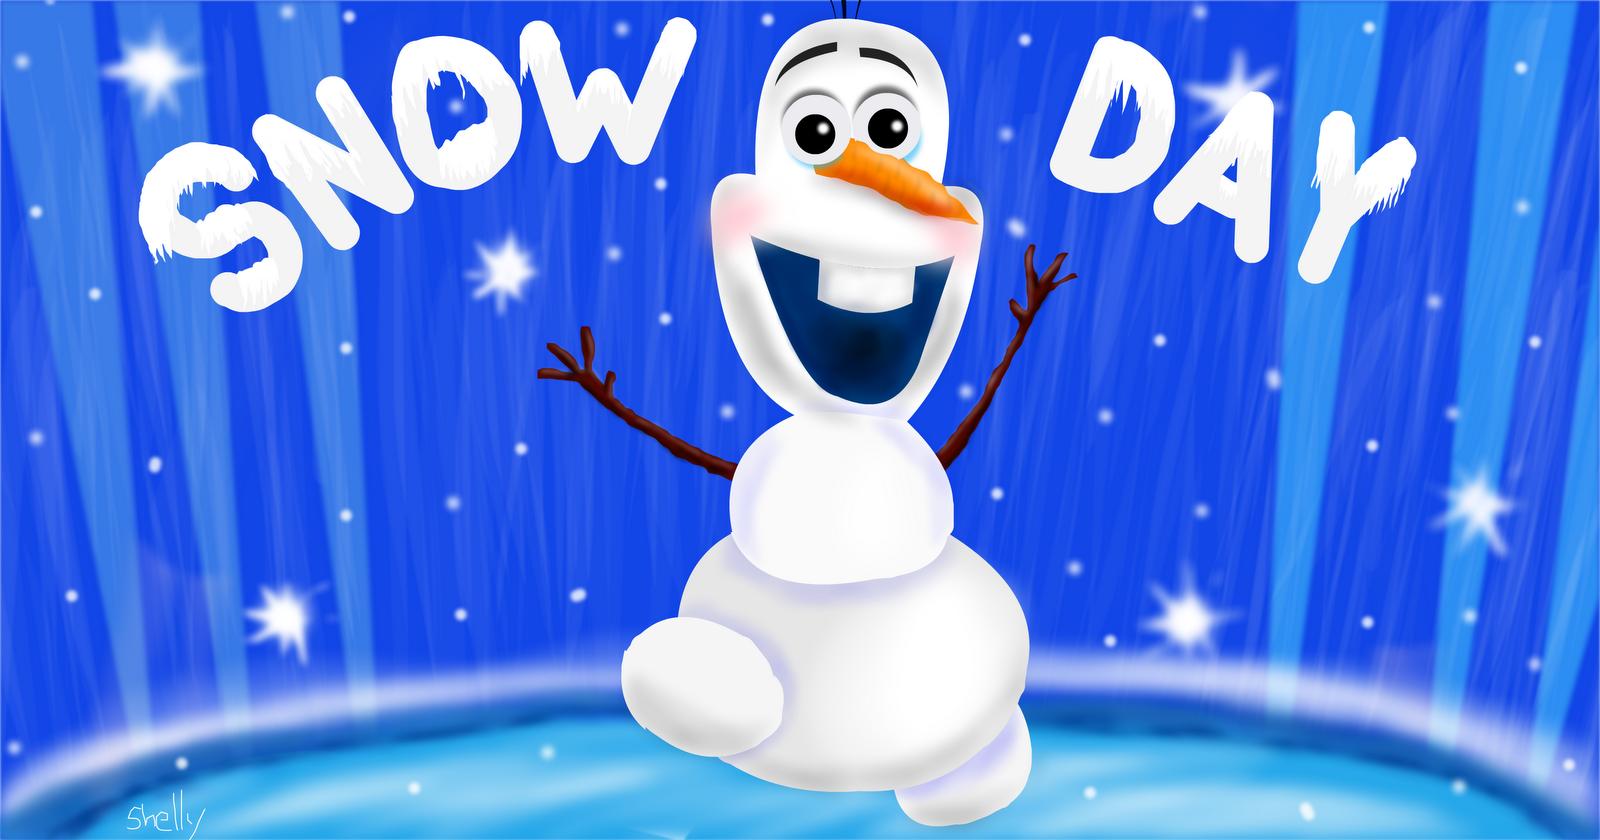 Snow Day Schedule 1/12/18